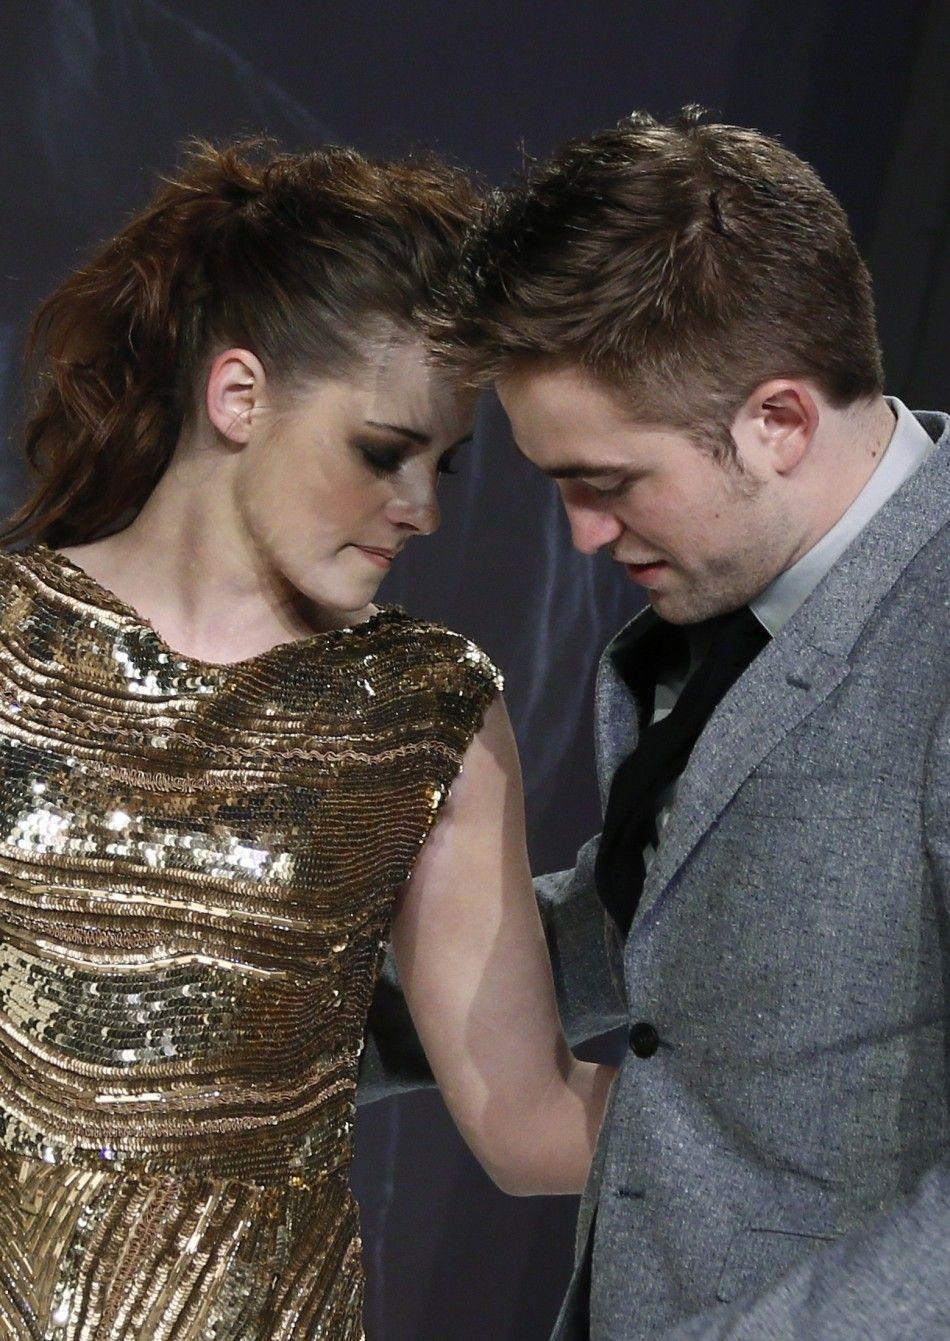 Robert Pattinson Kristen Stewart Smoking Together; Is The Nasty Habit .